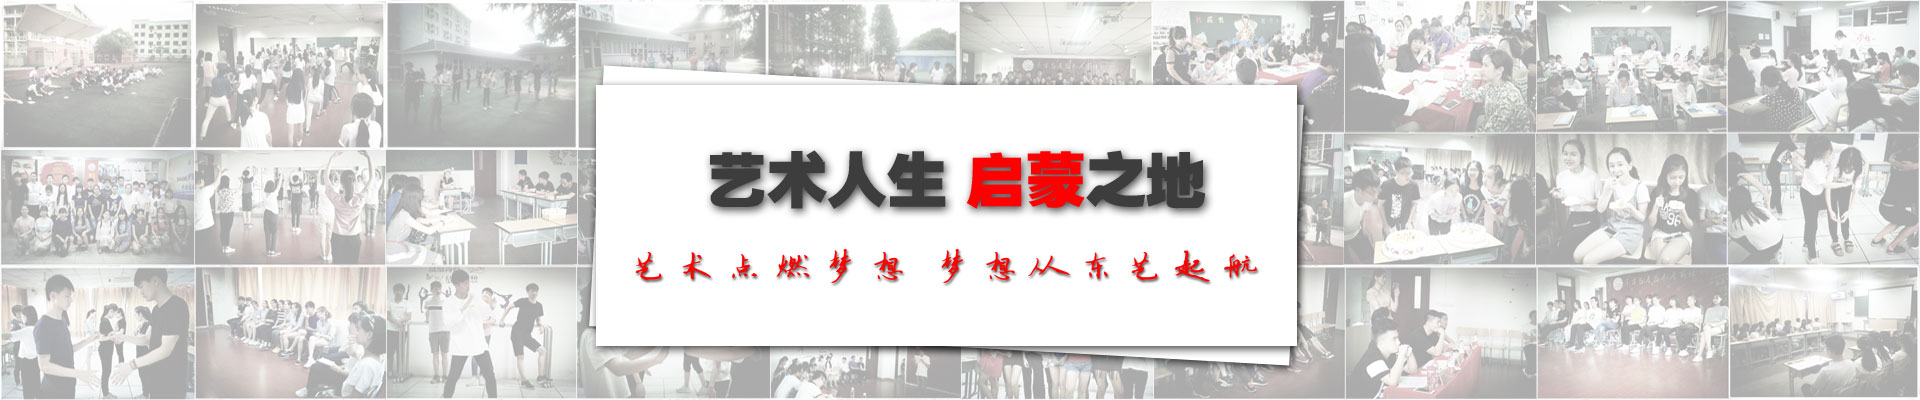 东方艺考.jpg